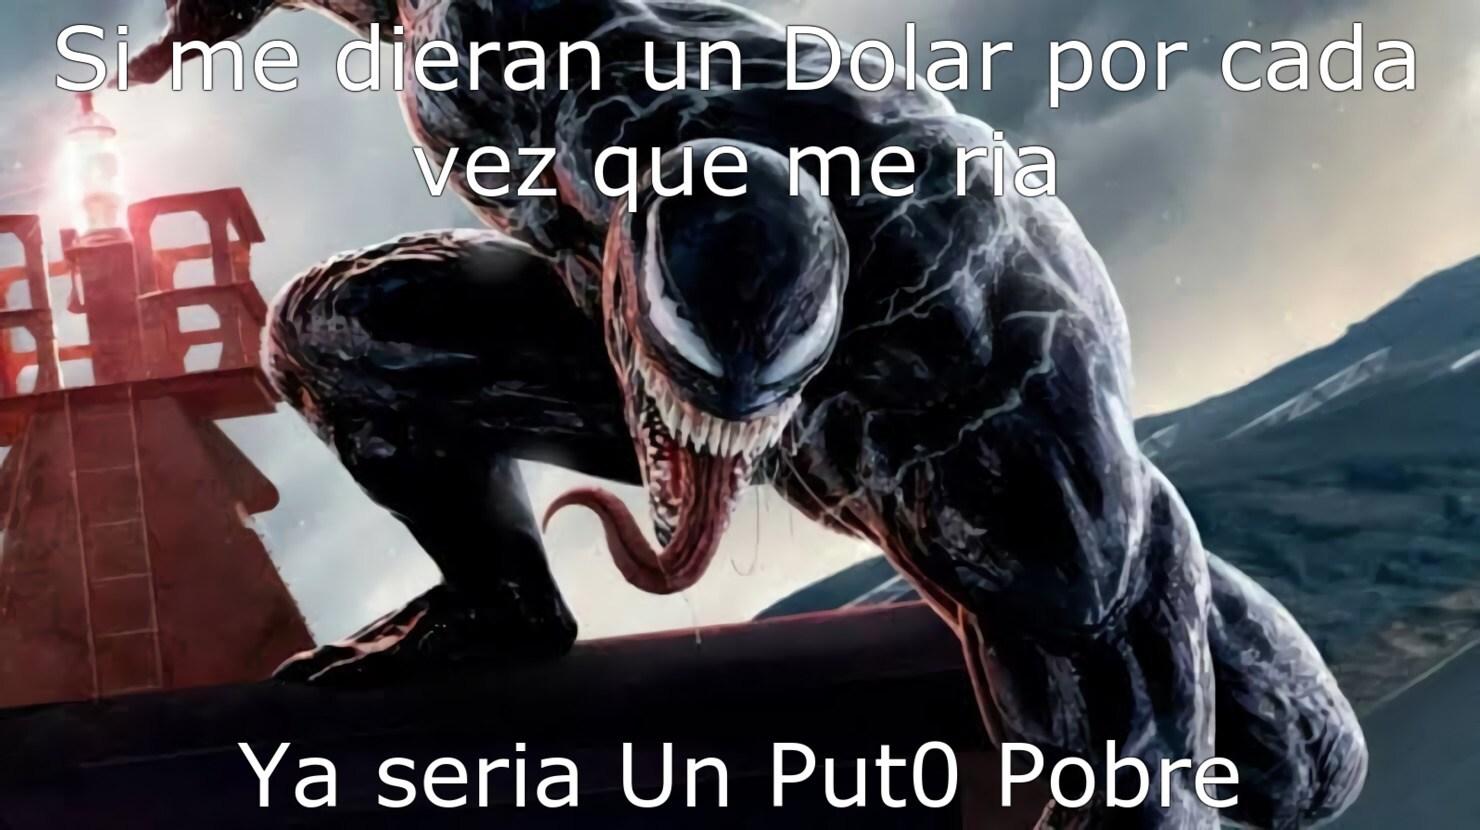 Si me dieran un Dolar... - meme